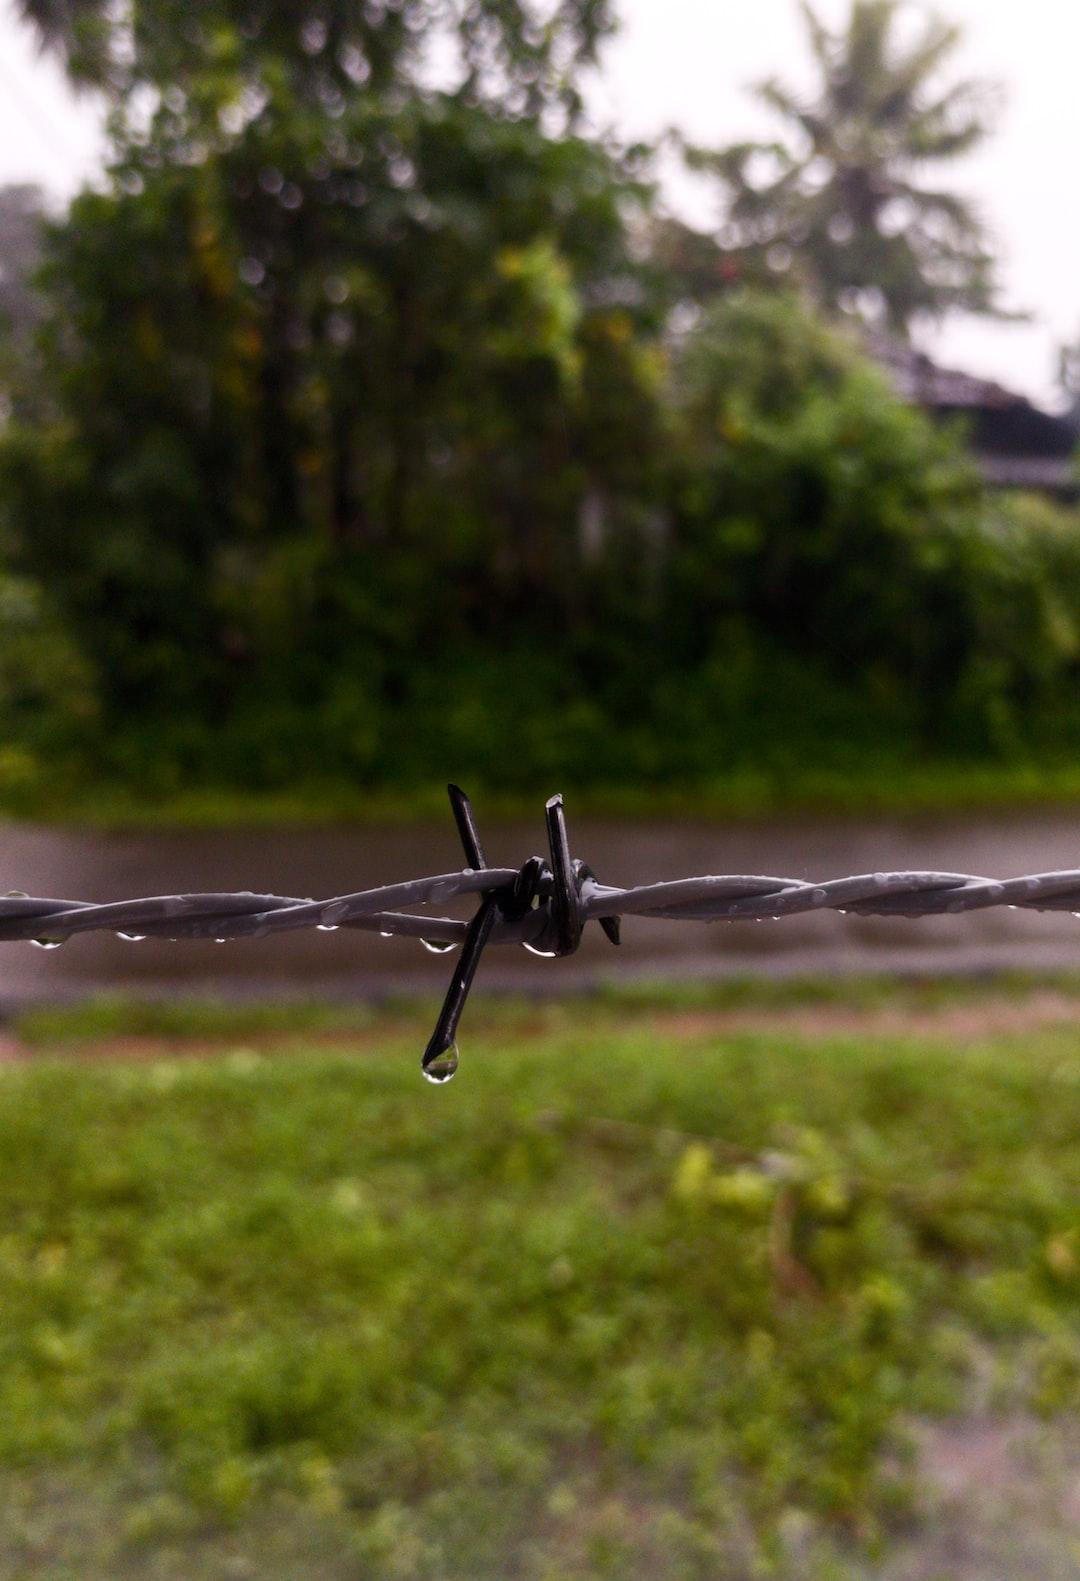 Unsplash photos by Vishwasa Navada K